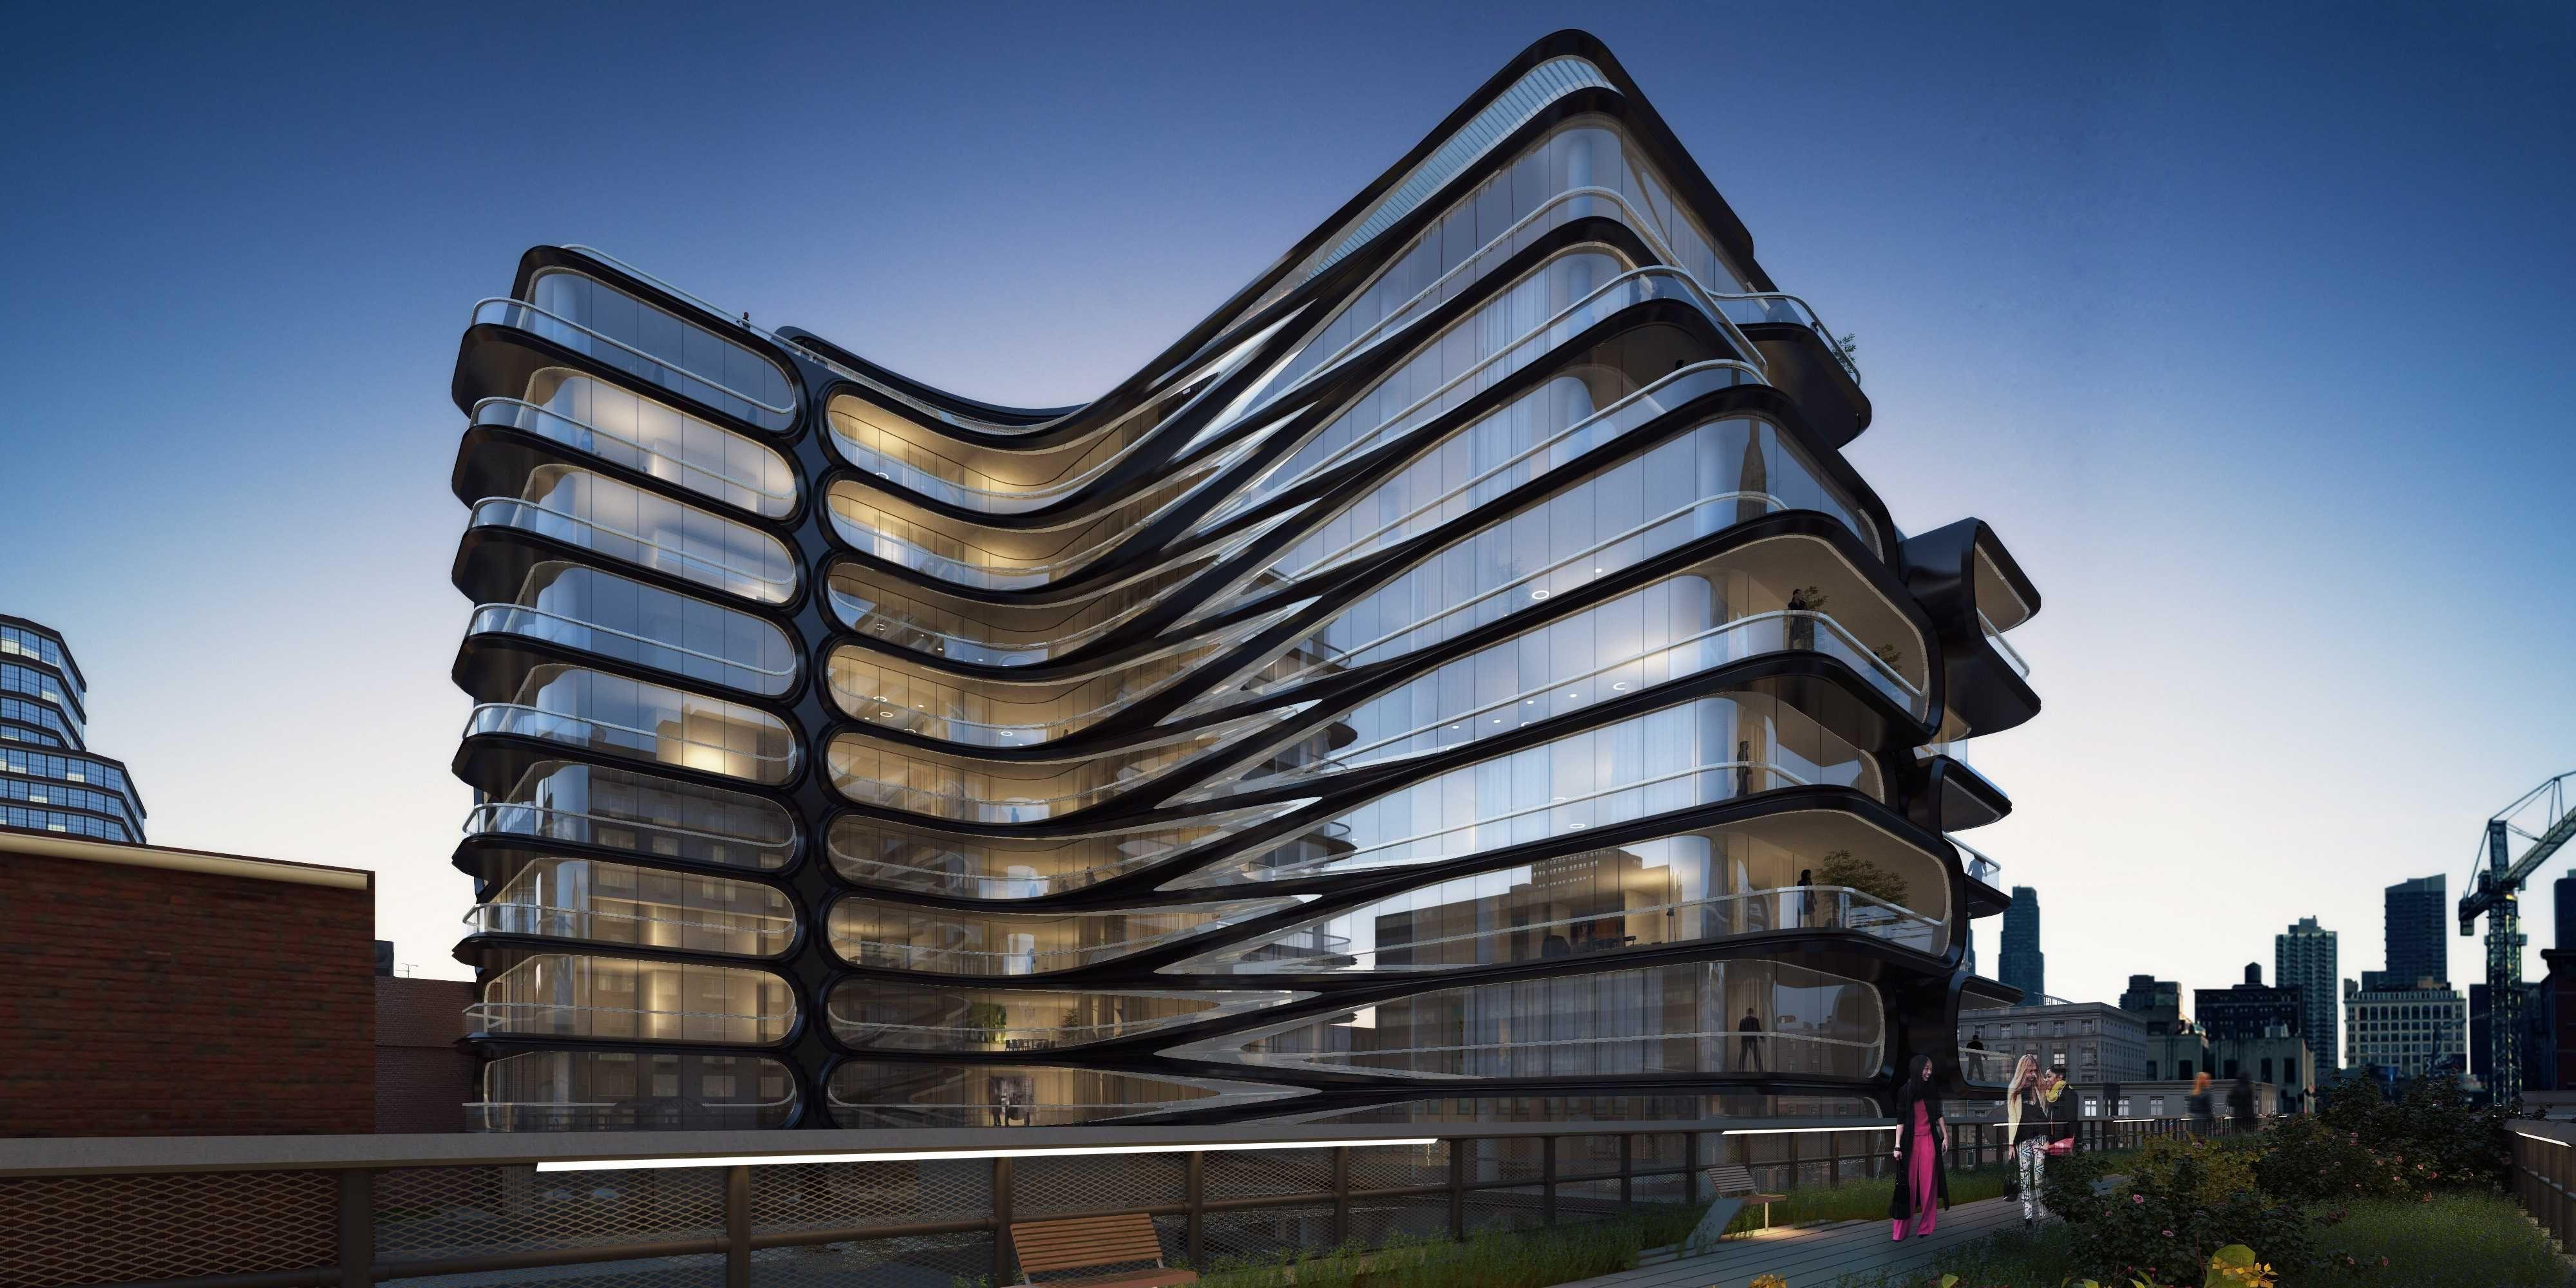 Hd Architecture Wallpaper Zaha Hadid Buildings Zaha Hadid Design Zaha Hadid Nyc